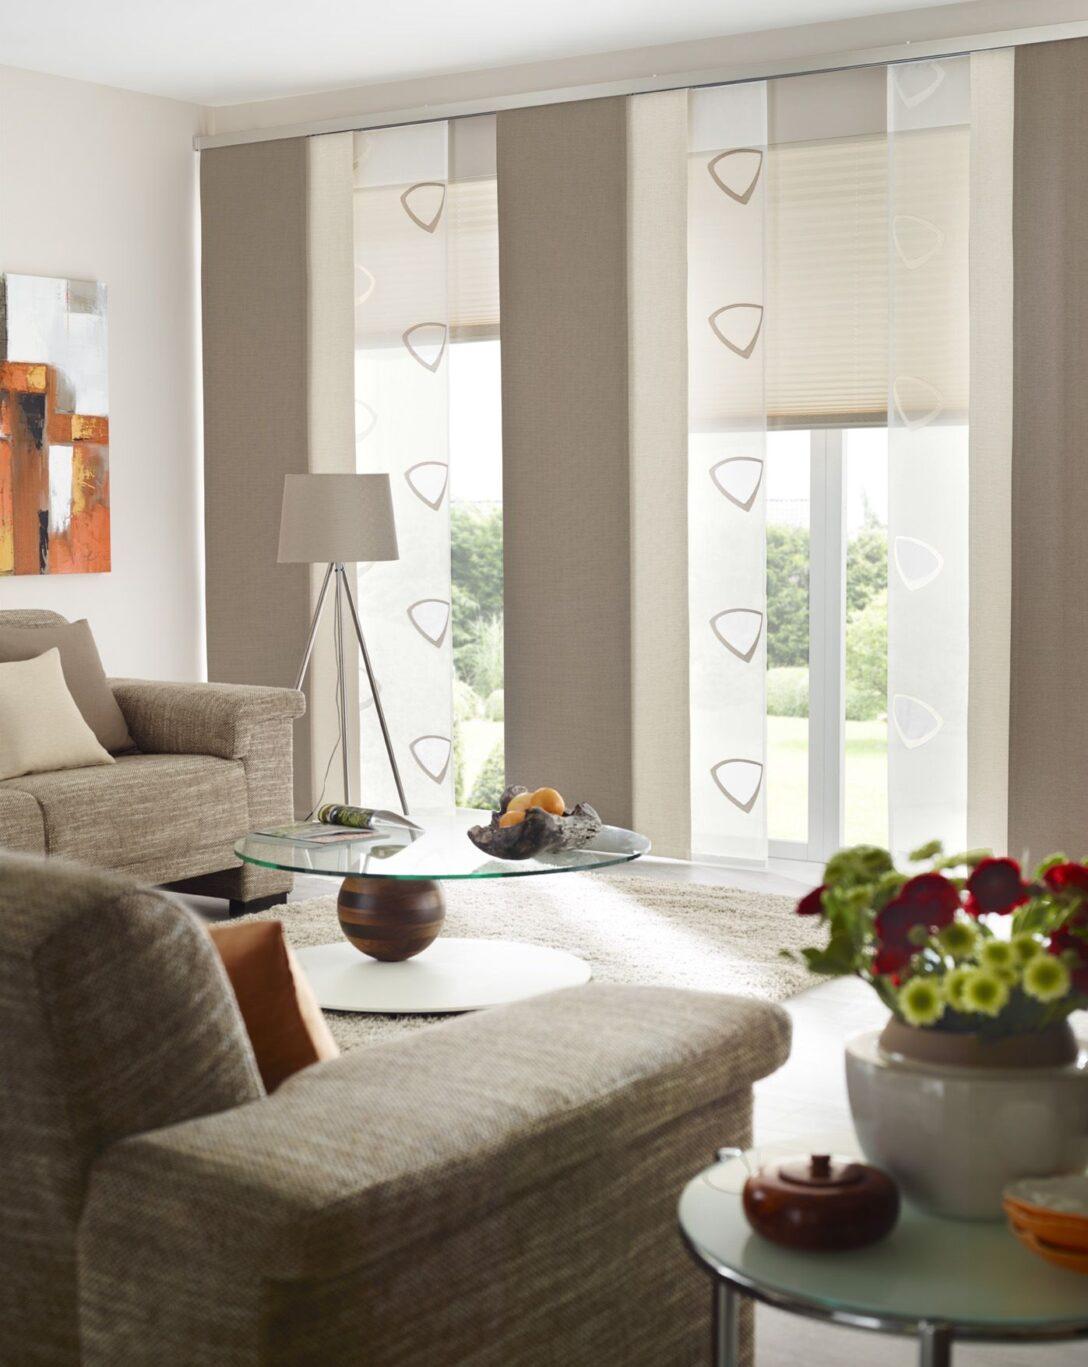 Large Size of Vorhänge Wohnzimmer Fenster Urbansteel Deckenlampen Modern Pendelleuchte Anbauwand Großes Bild Vorhang Hängeschrank Weiß Hochglanz Teppich Deckenleuchten Wohnzimmer Vorhänge Wohnzimmer